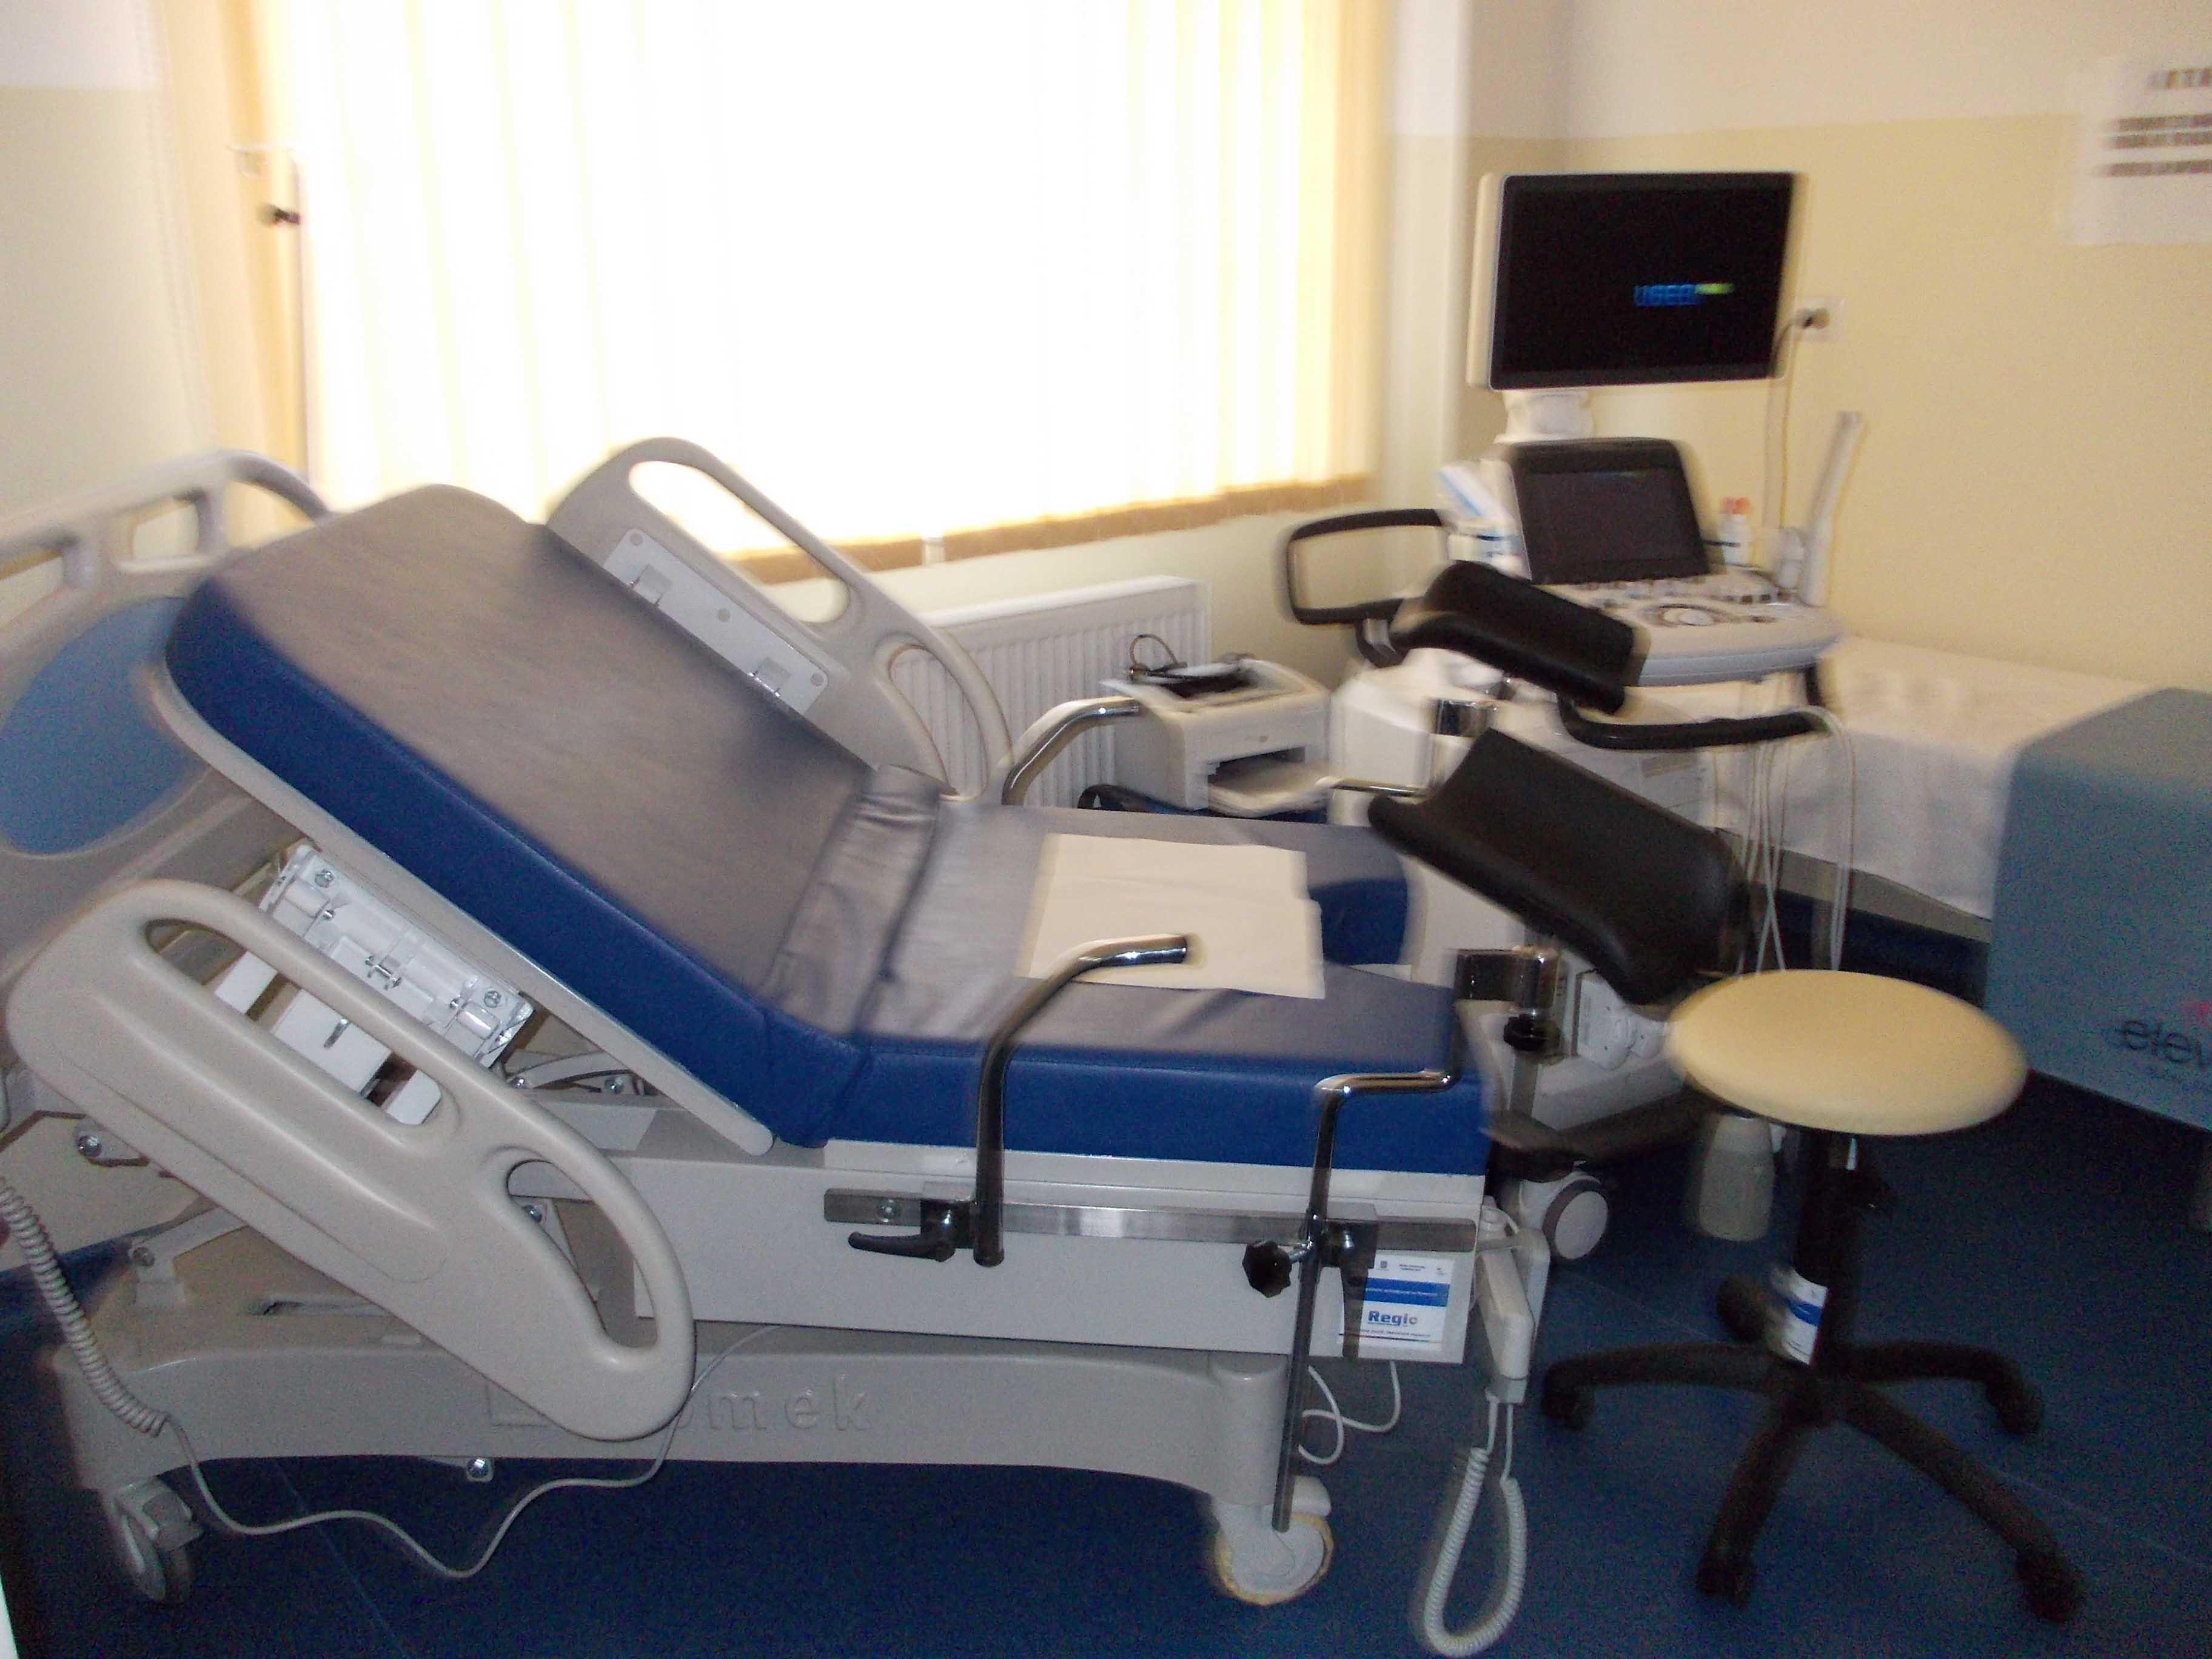 Echipamente și aparatură medicală de aproape 440.000 de lei pentru maternitatea brașoveană